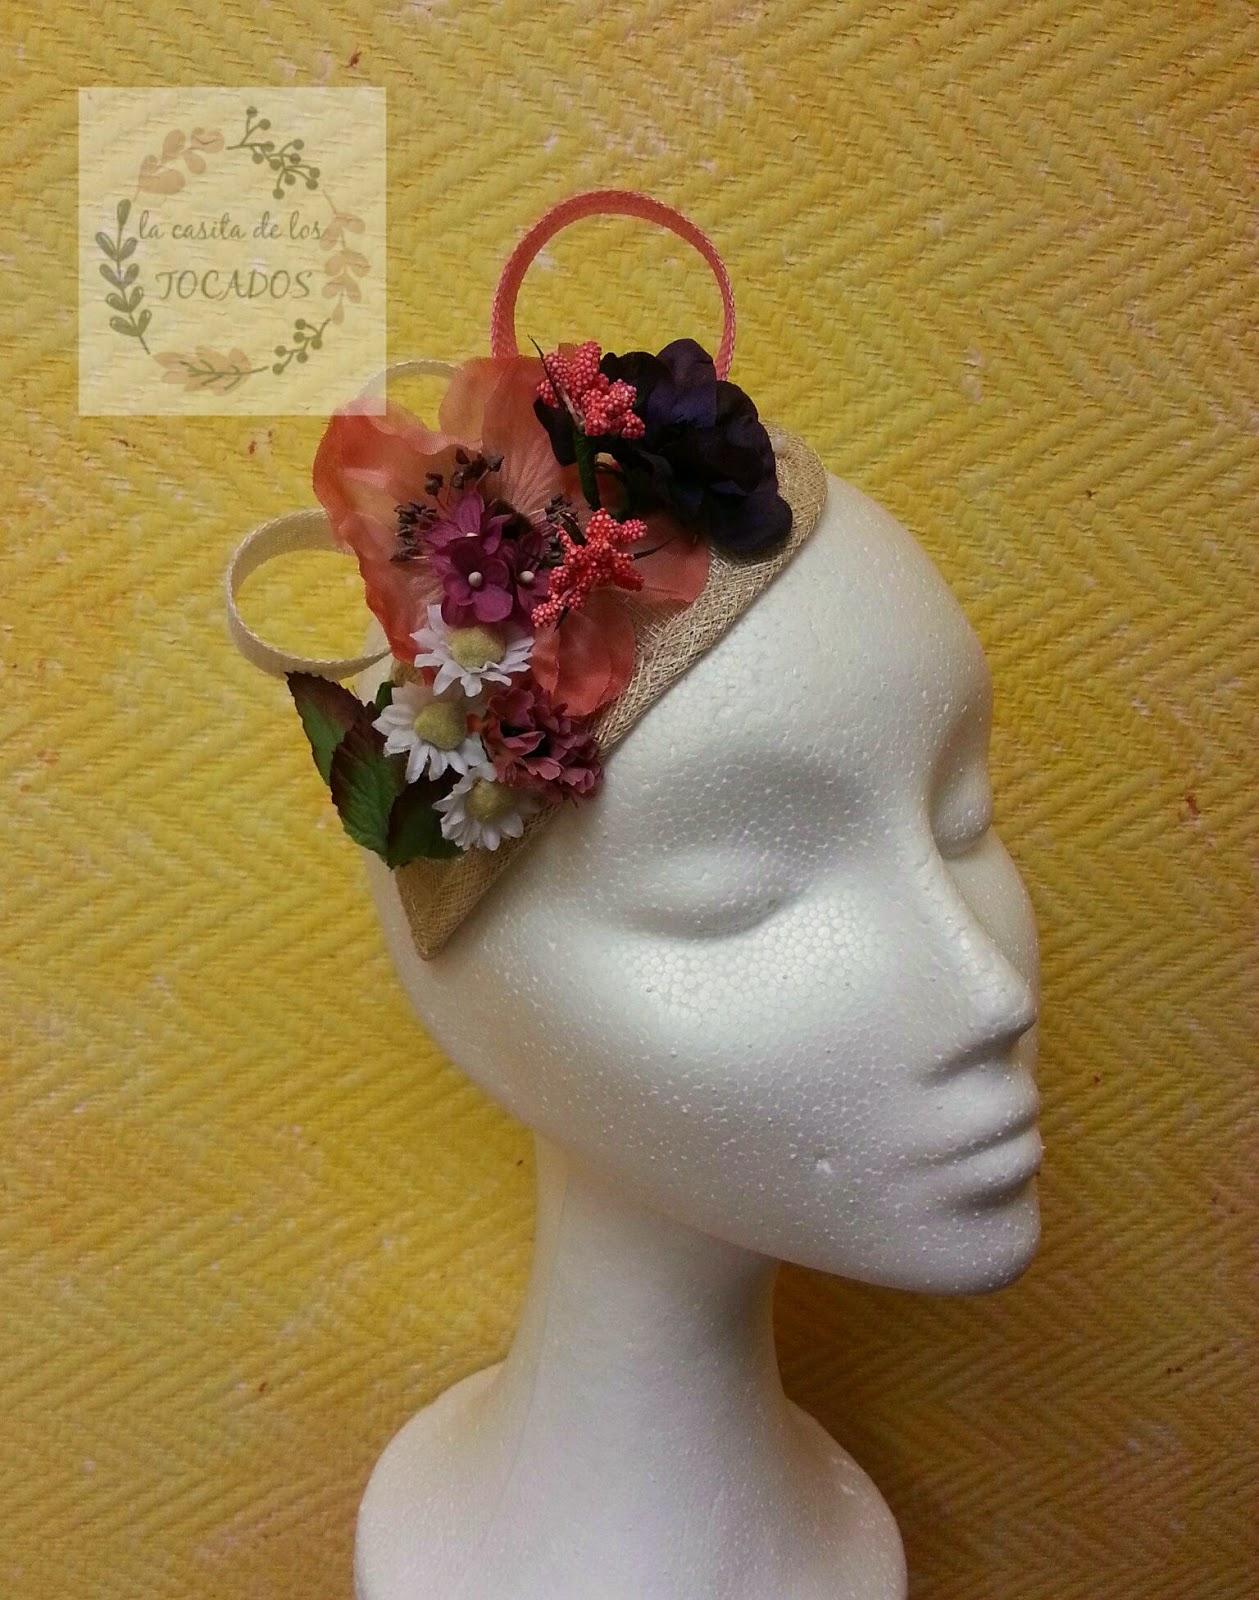 tocado campestre realizado con flores variadas en tamaño, forma y color, que incluye adornos de sinamay sobre base natural de lágrima